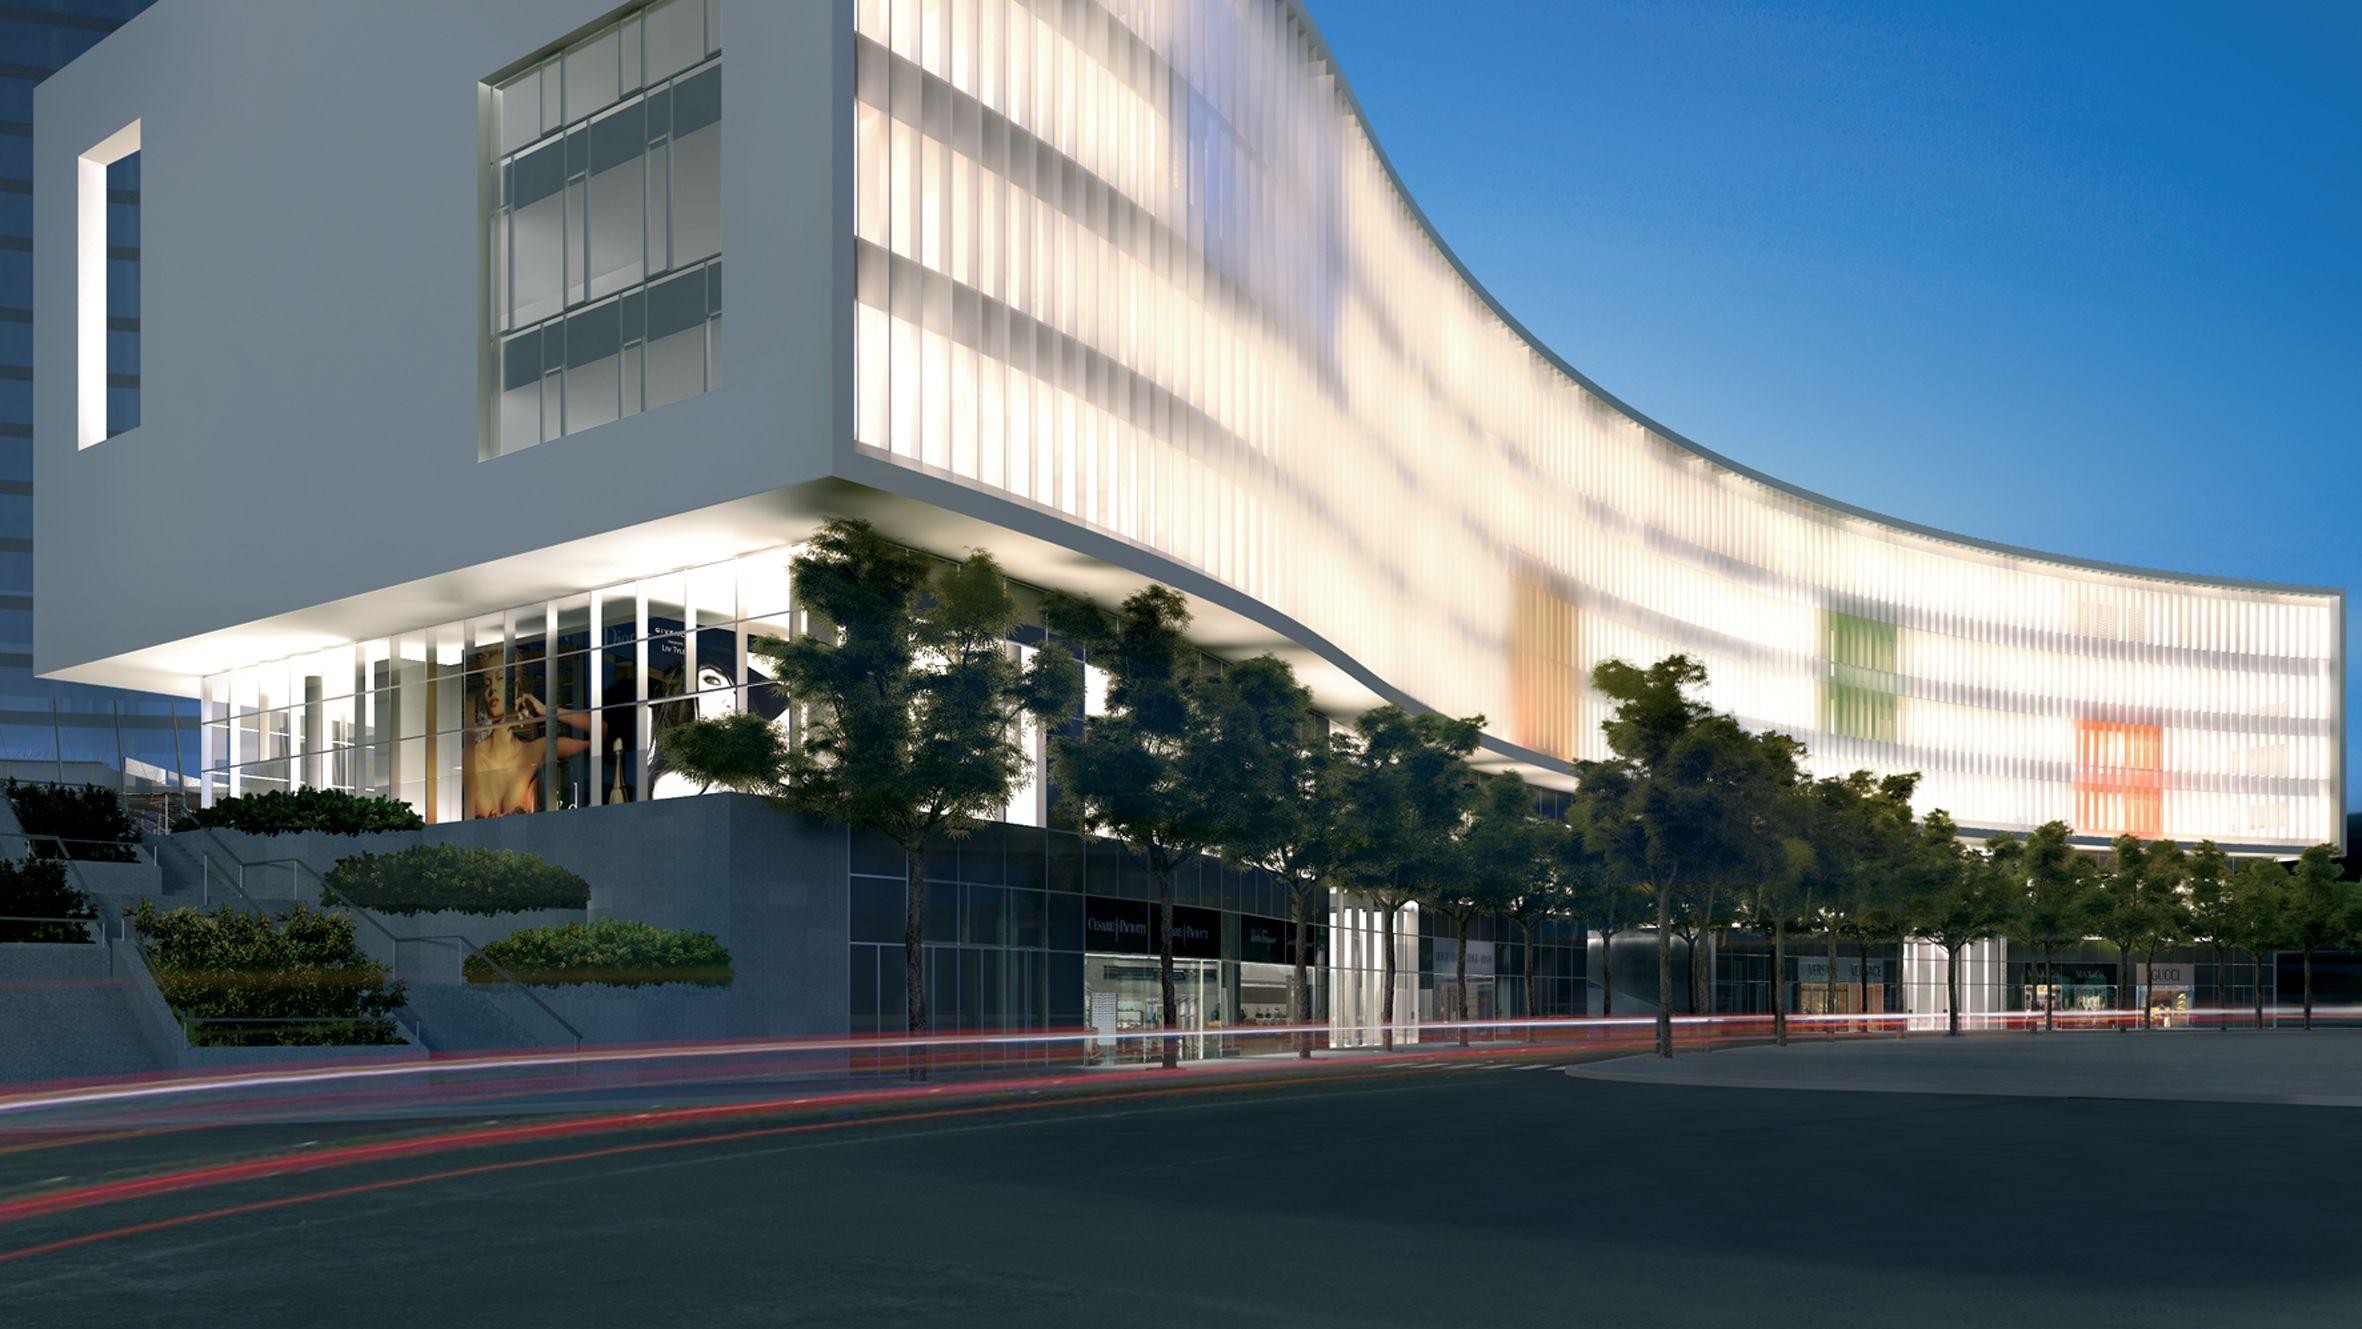 Disegnare la luce luce e design - Uffici gtt porta nuova ...